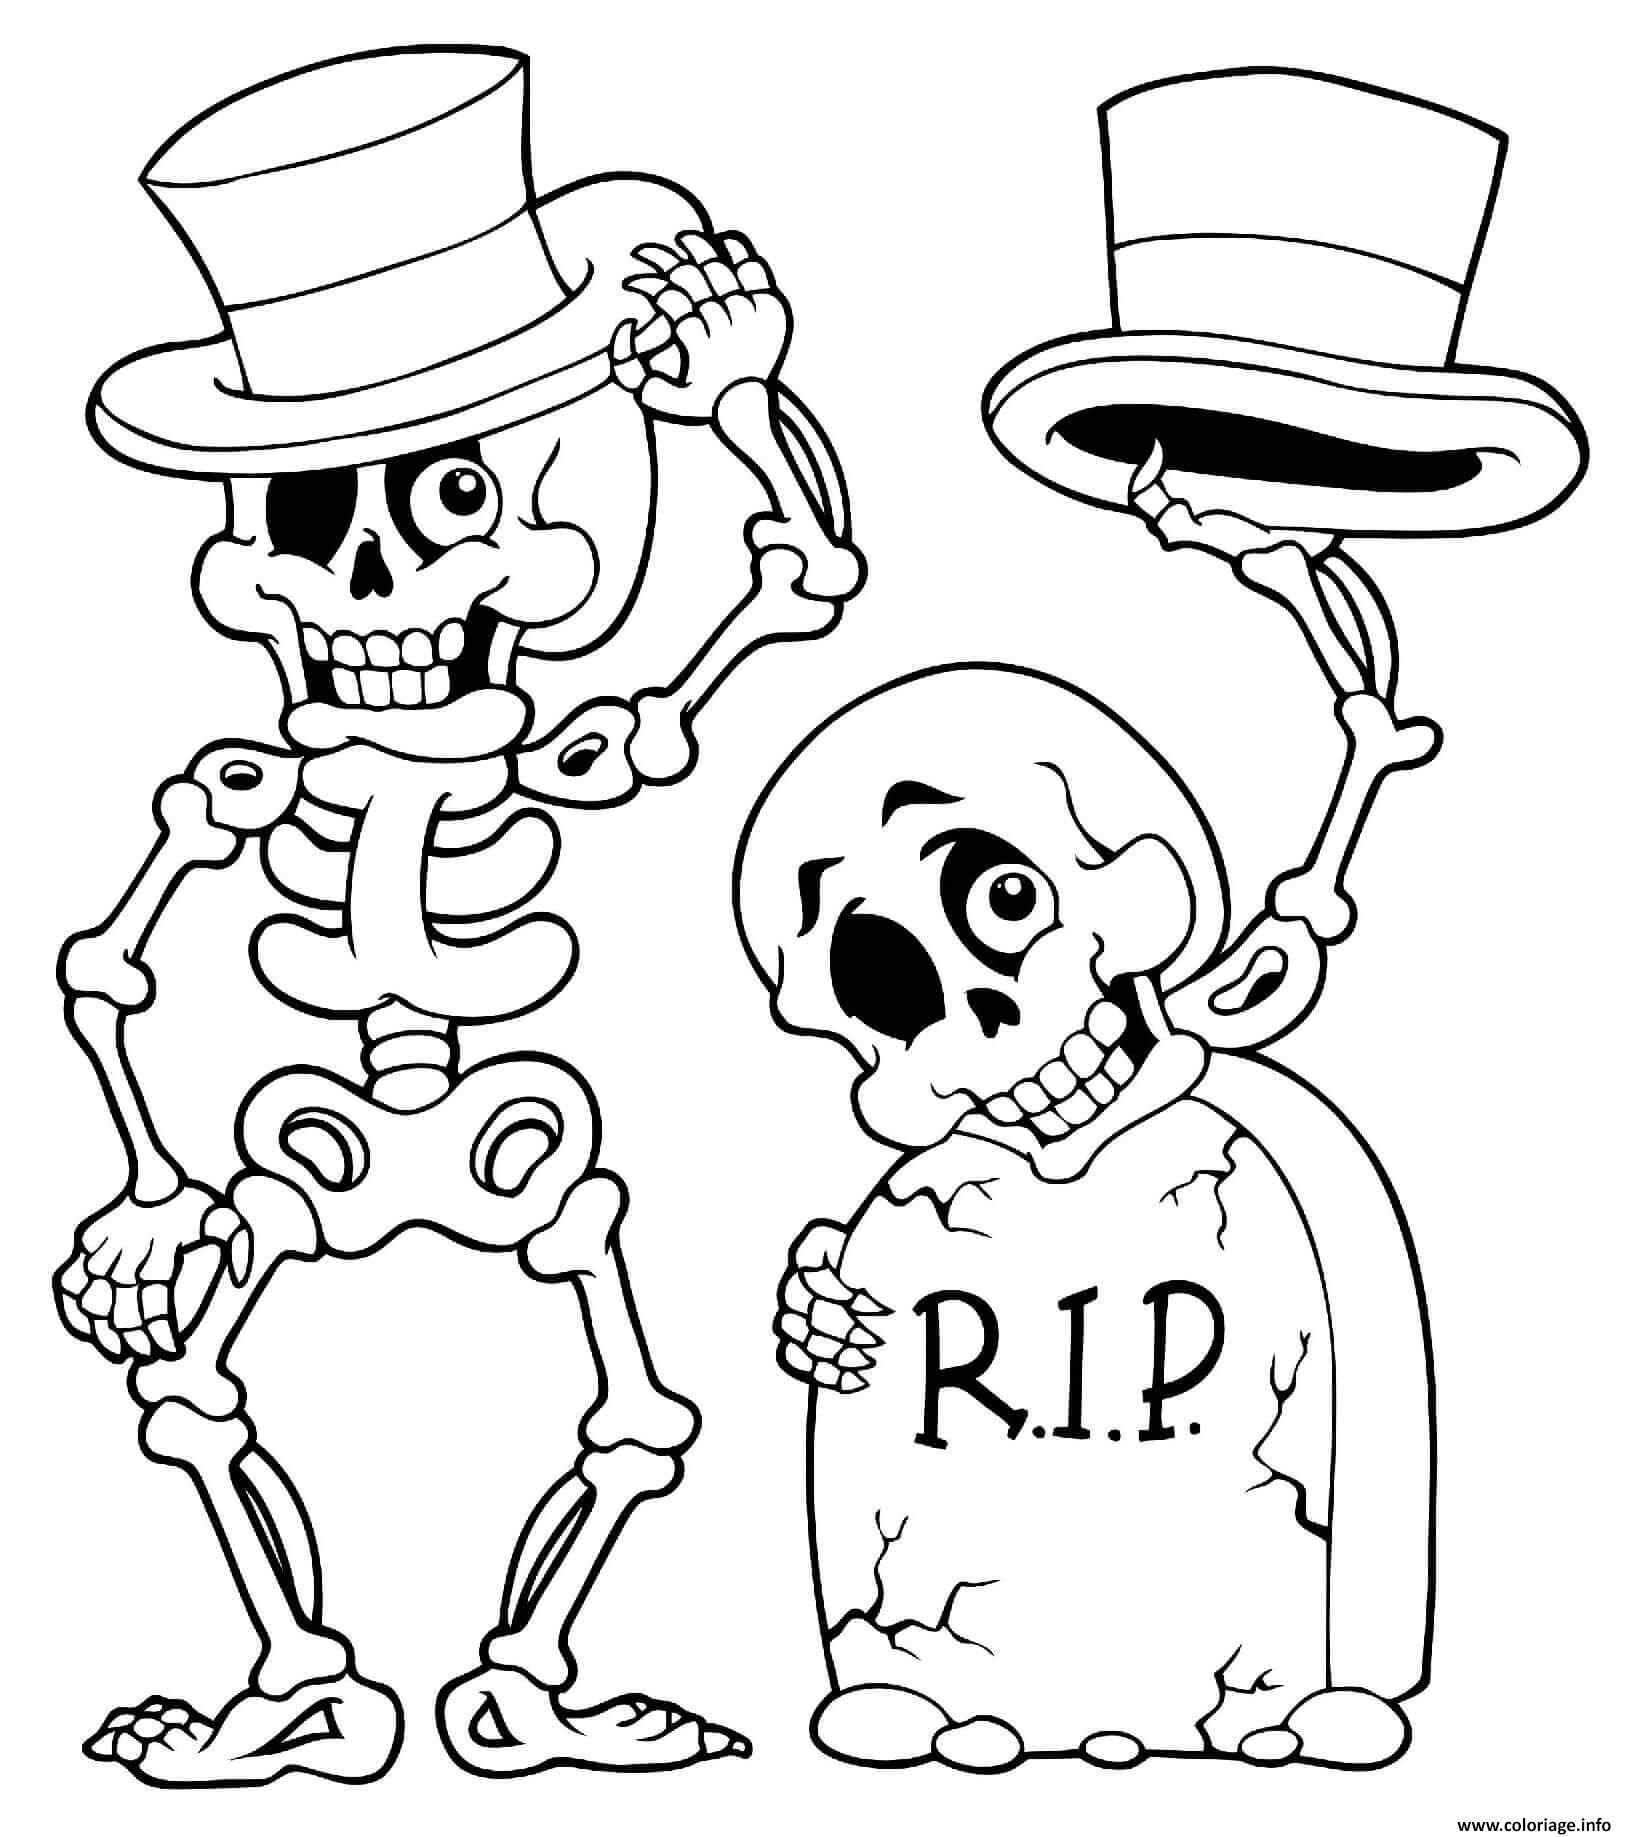 Dessin halloween squelette et tete de mort Coloriage Gratuit à Imprimer